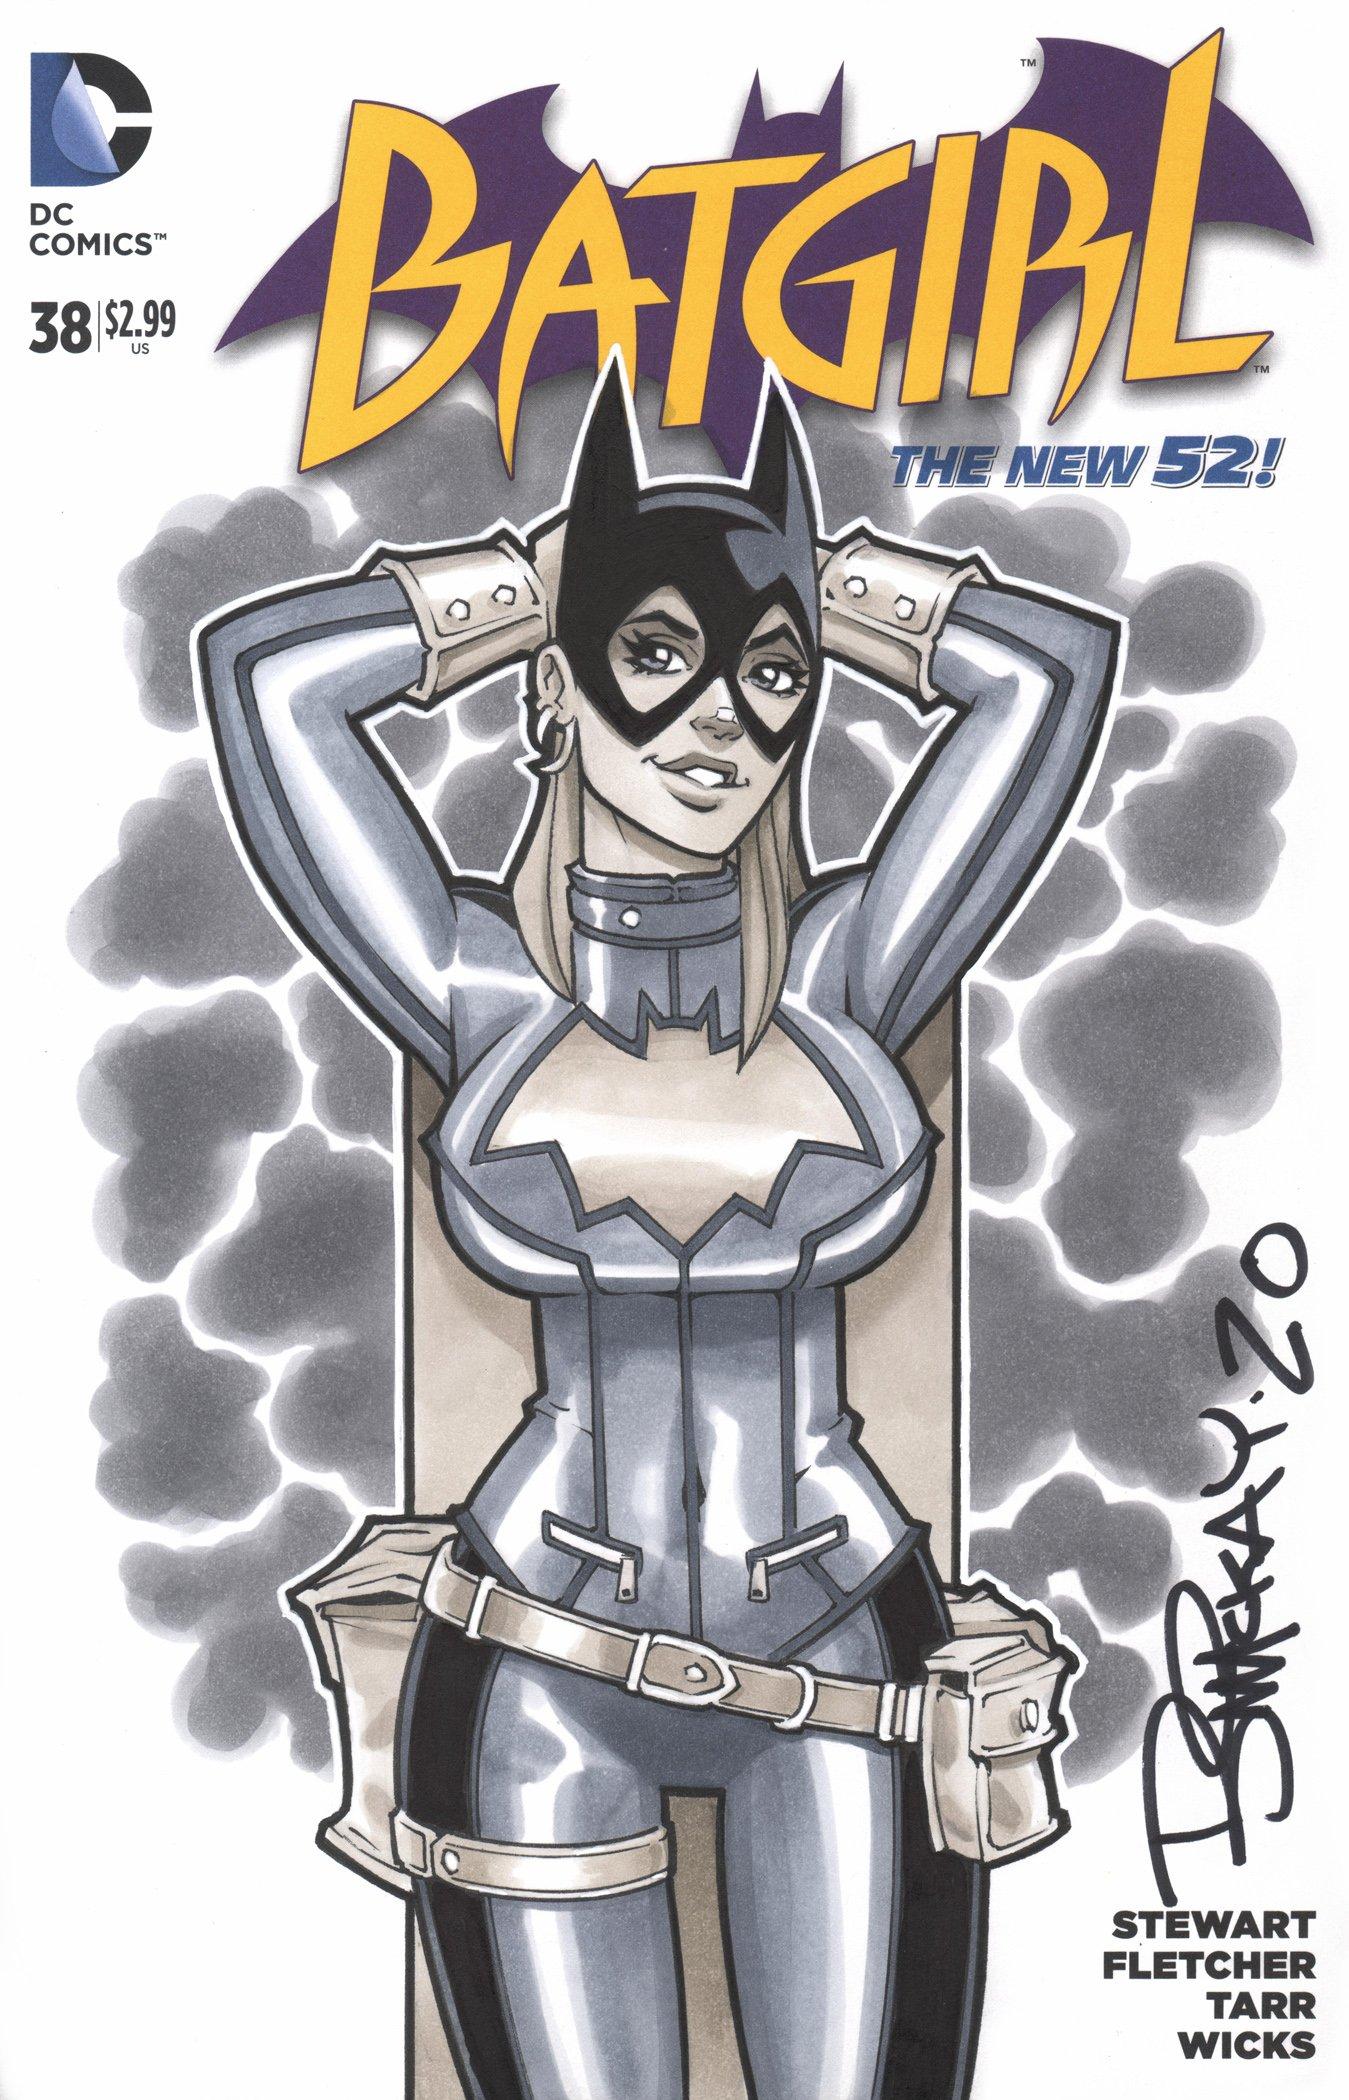 Image of Batgirl Copic Marker Sketch 1/1